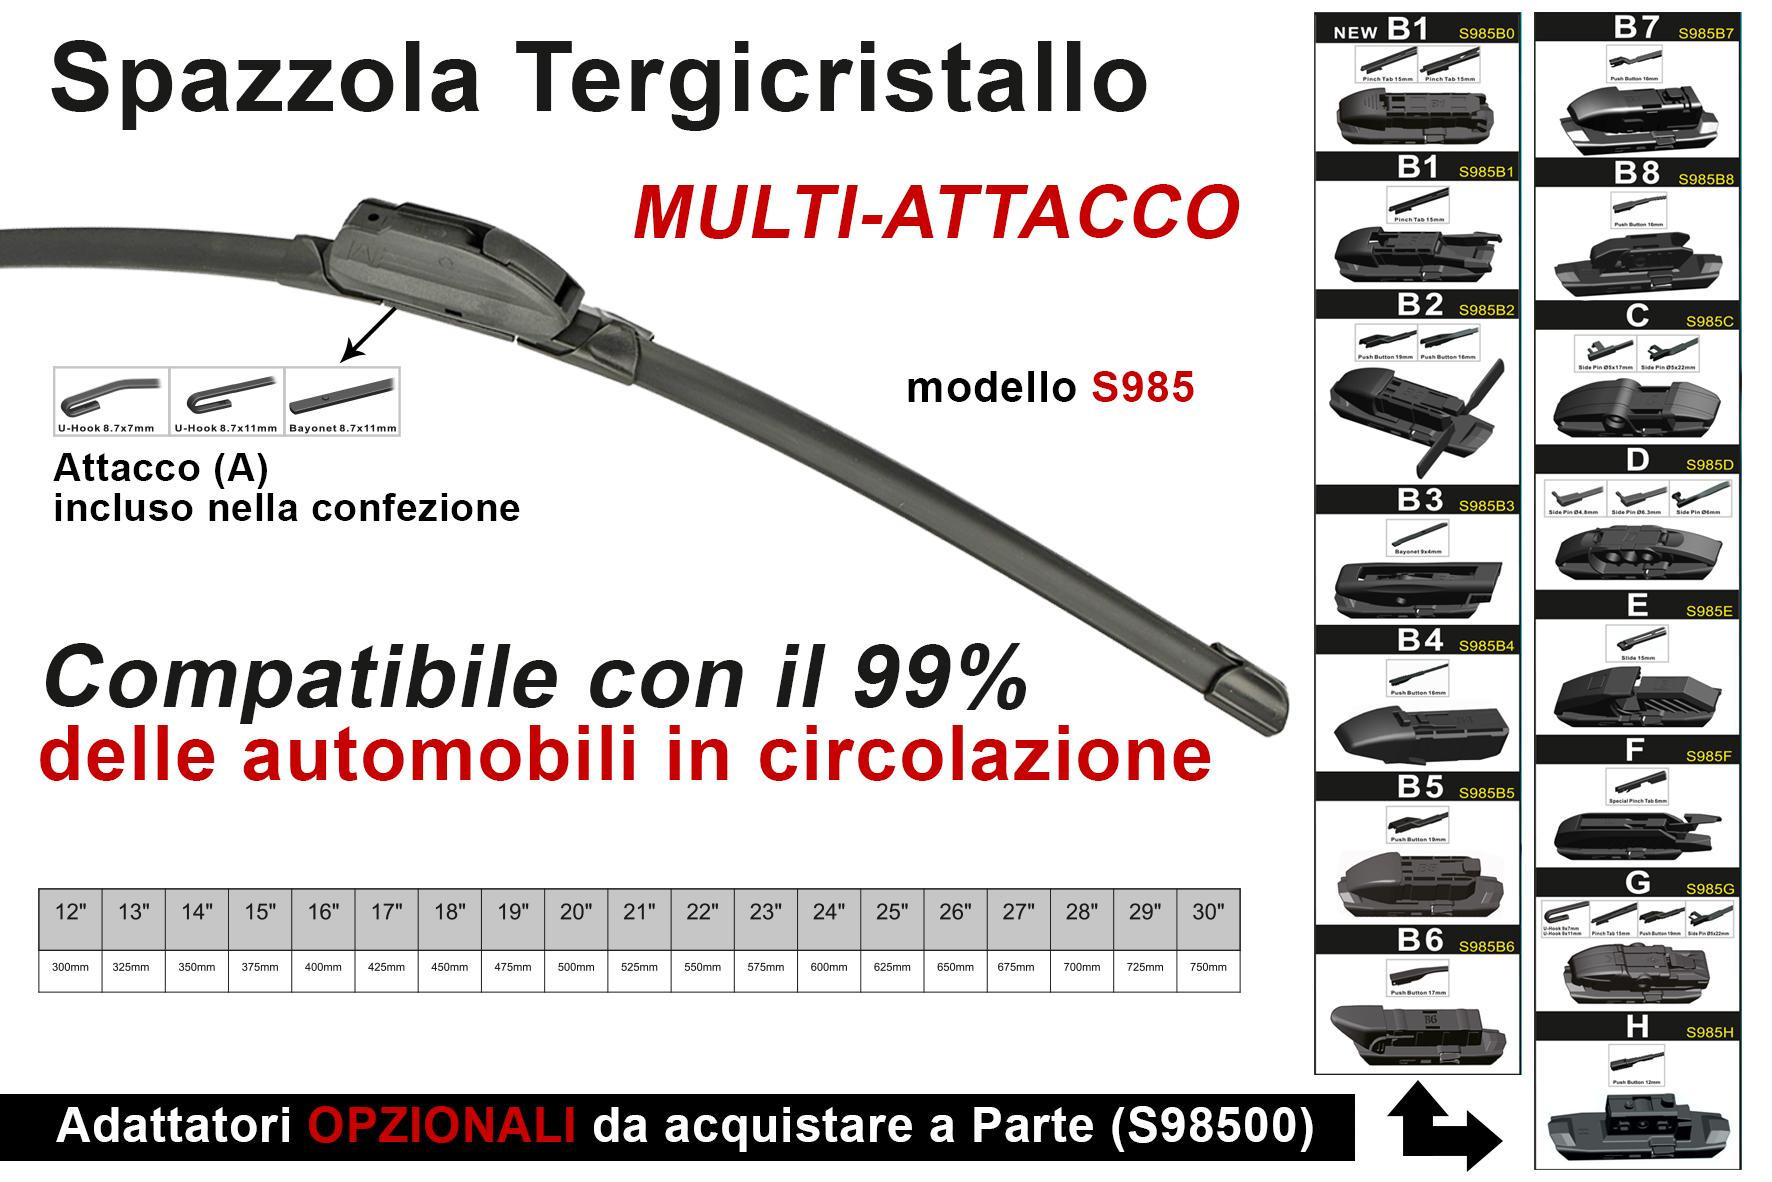 Spazzola Tergicristallo Auto Universale S985 28`` 700mm Carall 16 Attacchi Opzionale - PZ